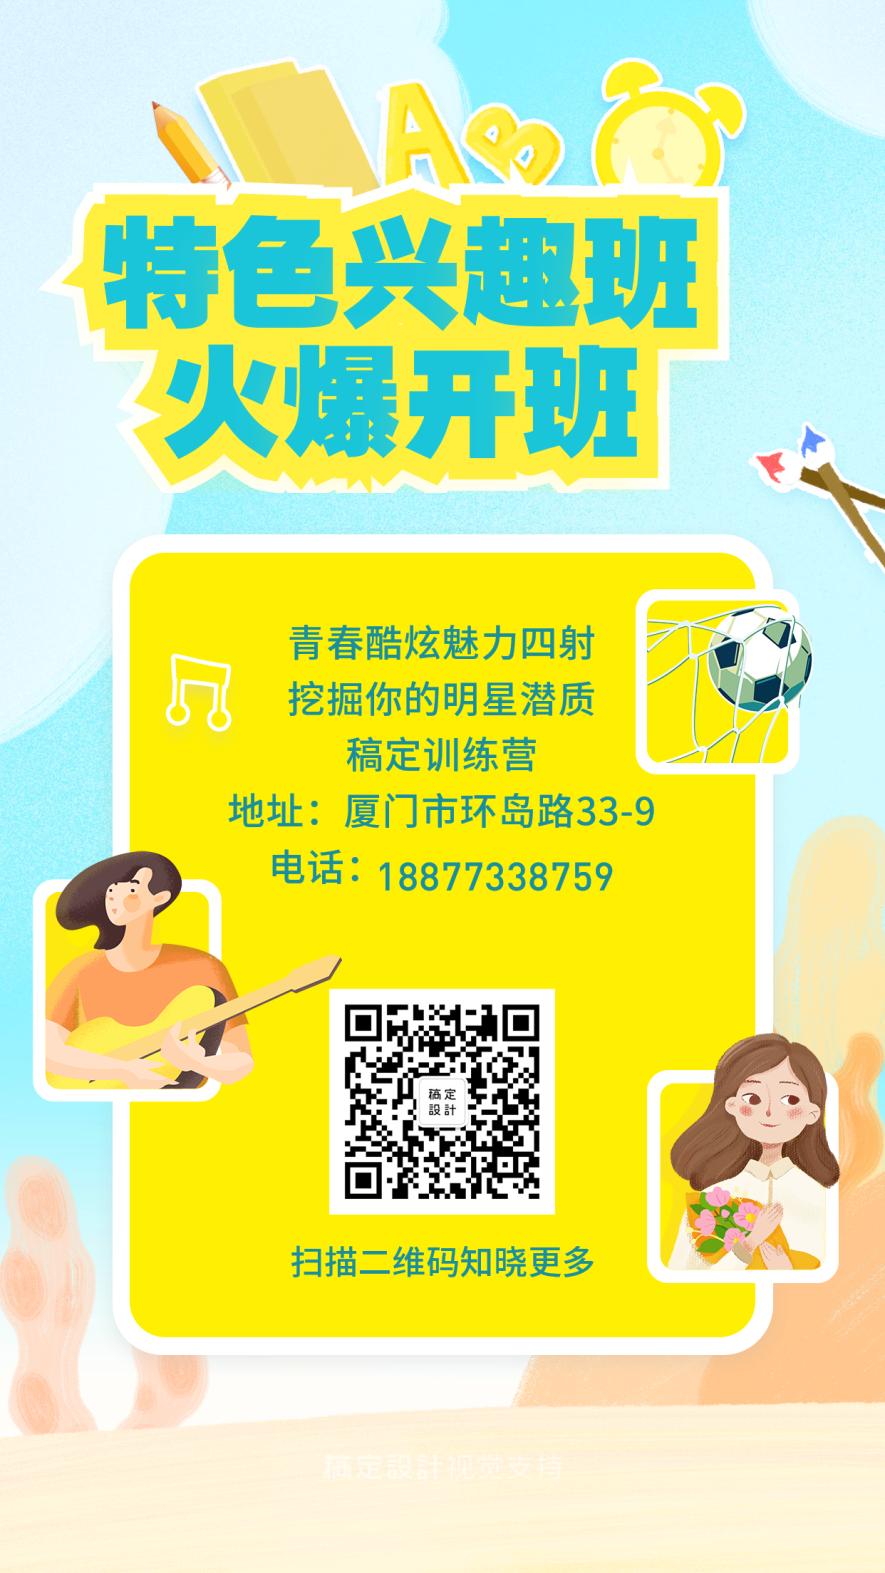 兴趣班/培训招生/手机海报